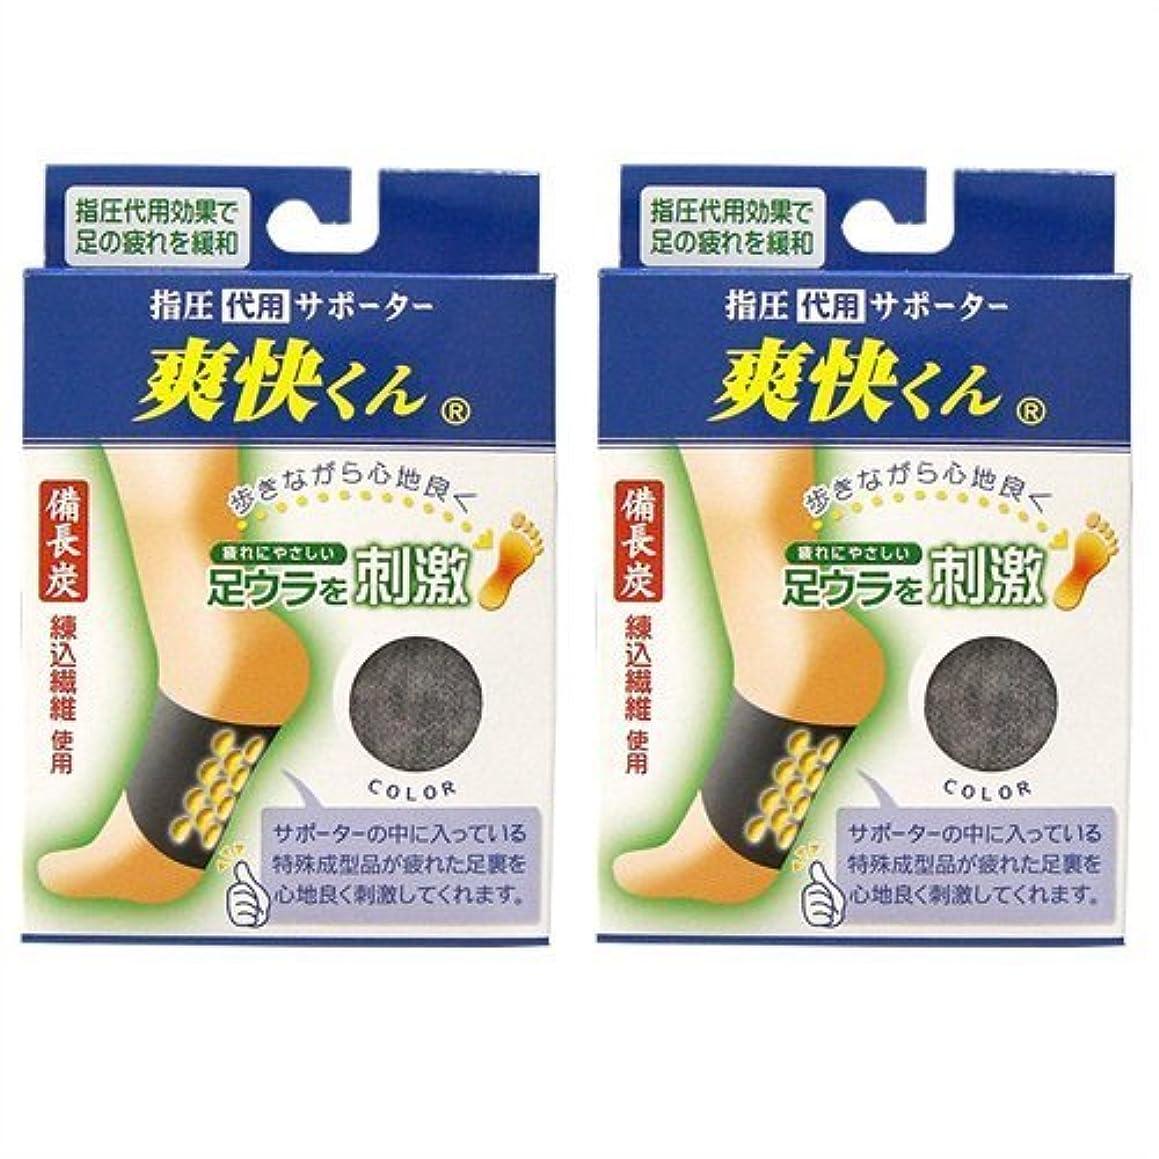 蒸し器吹きさらし土爽快くん(SV-220) ×2個セット